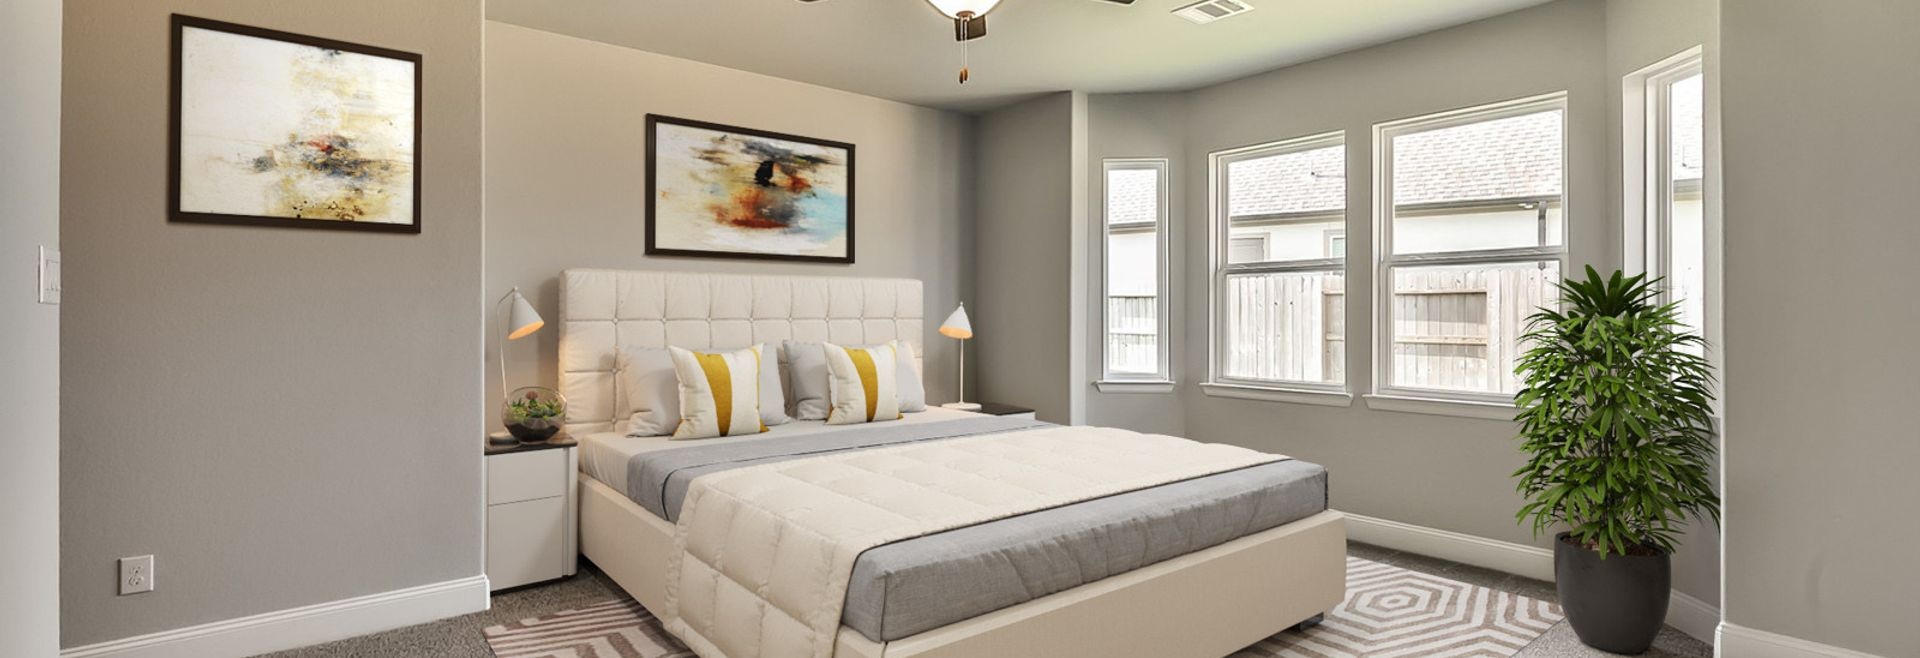 Plan 5049 Master Bedroom